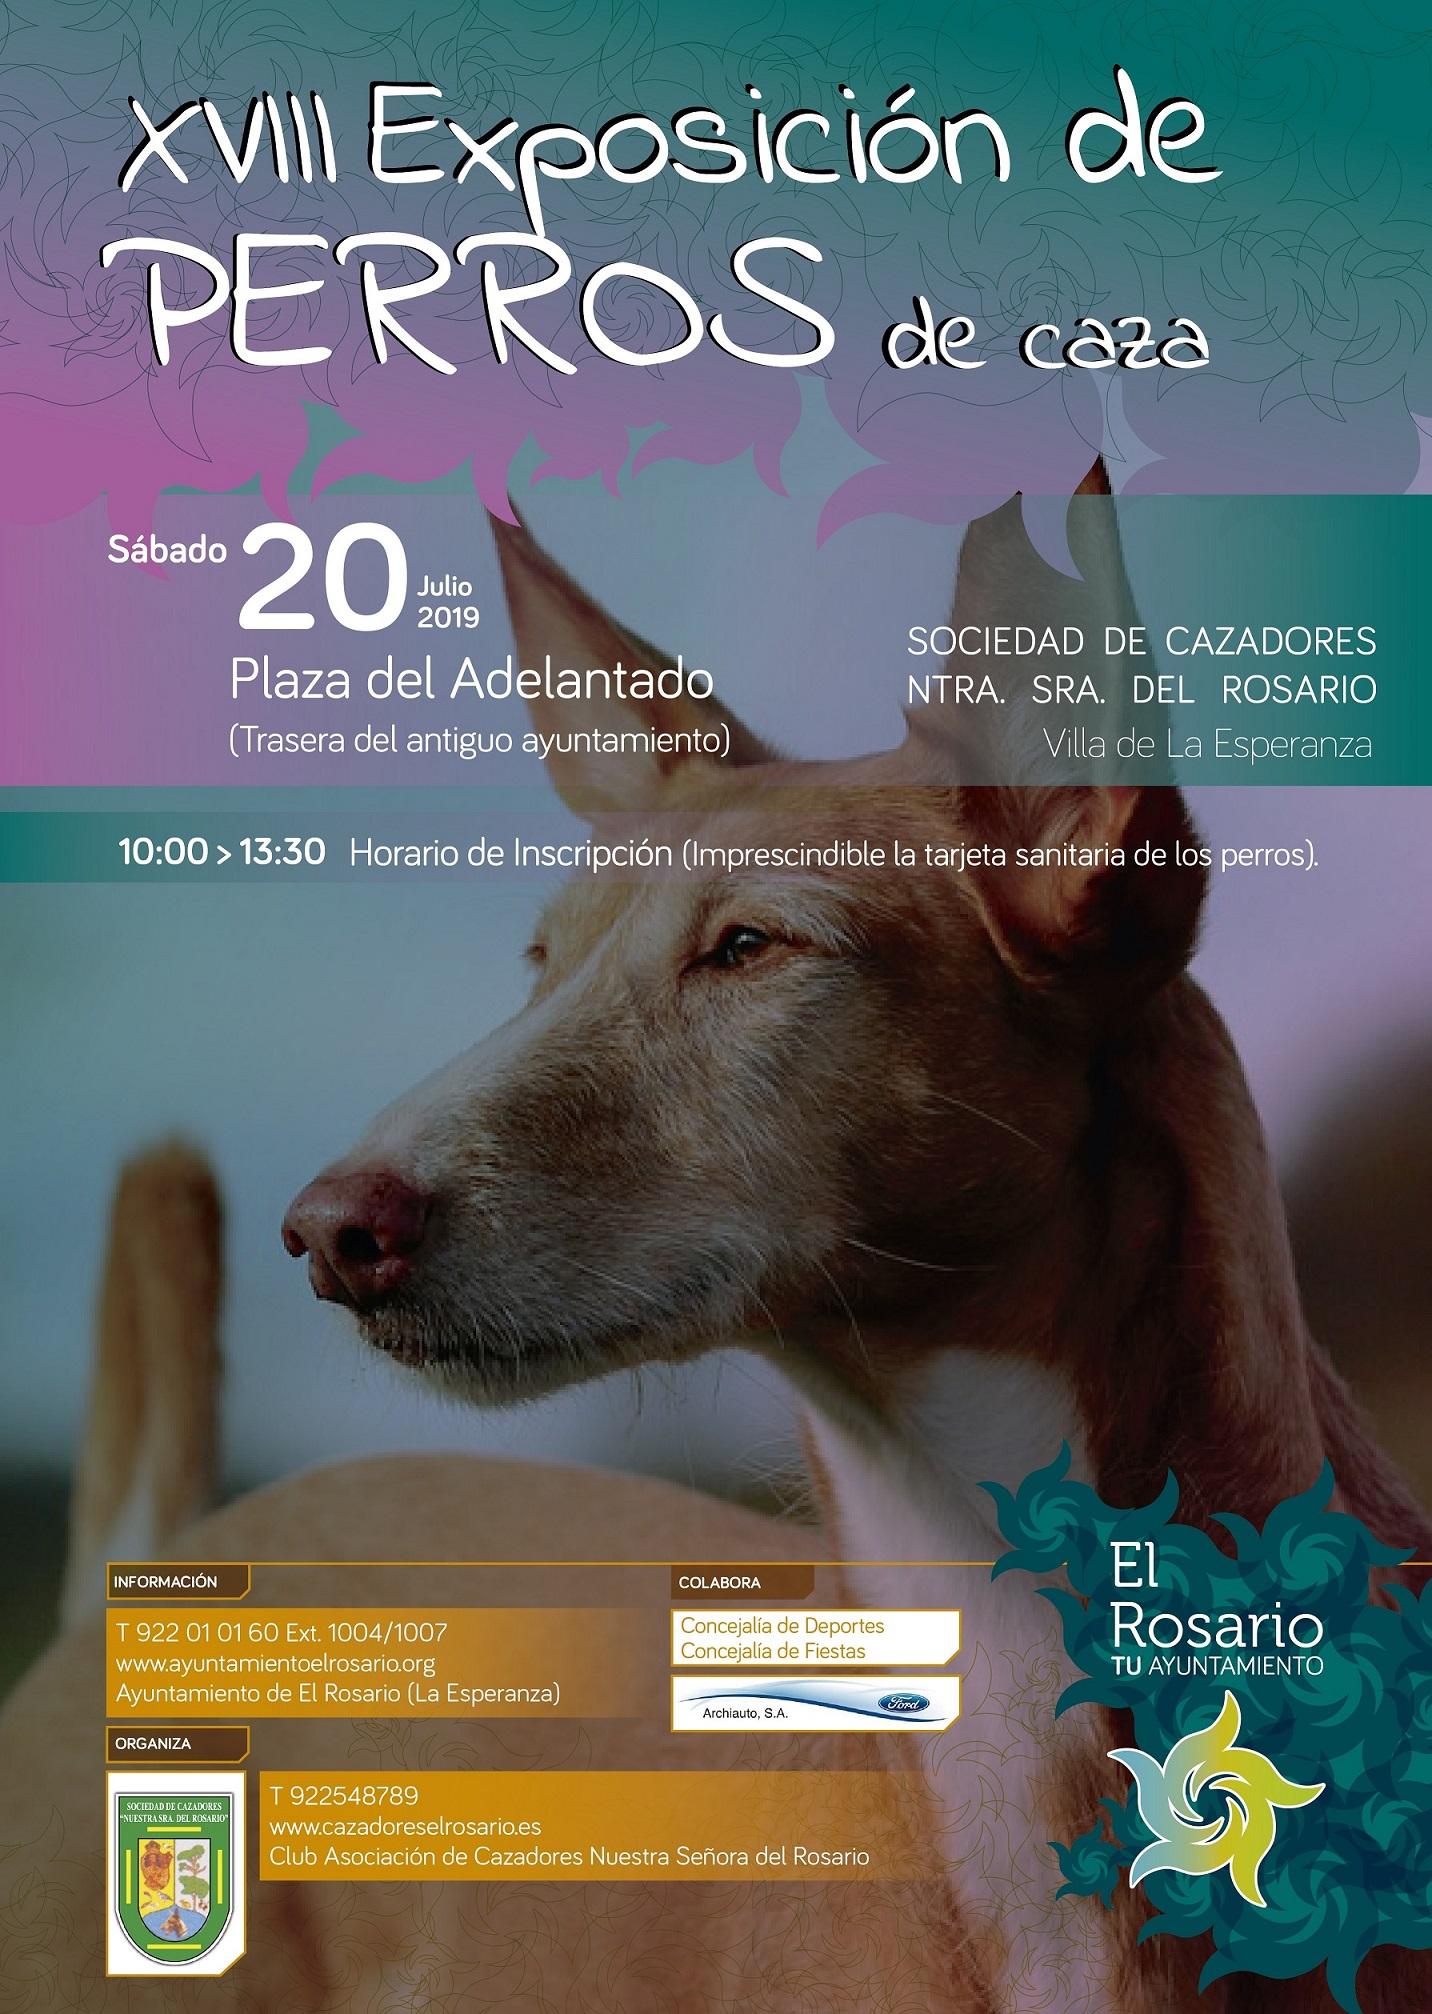 EXPOSICIÓN DE PERROS_20190625_RGB-01-01 - copia